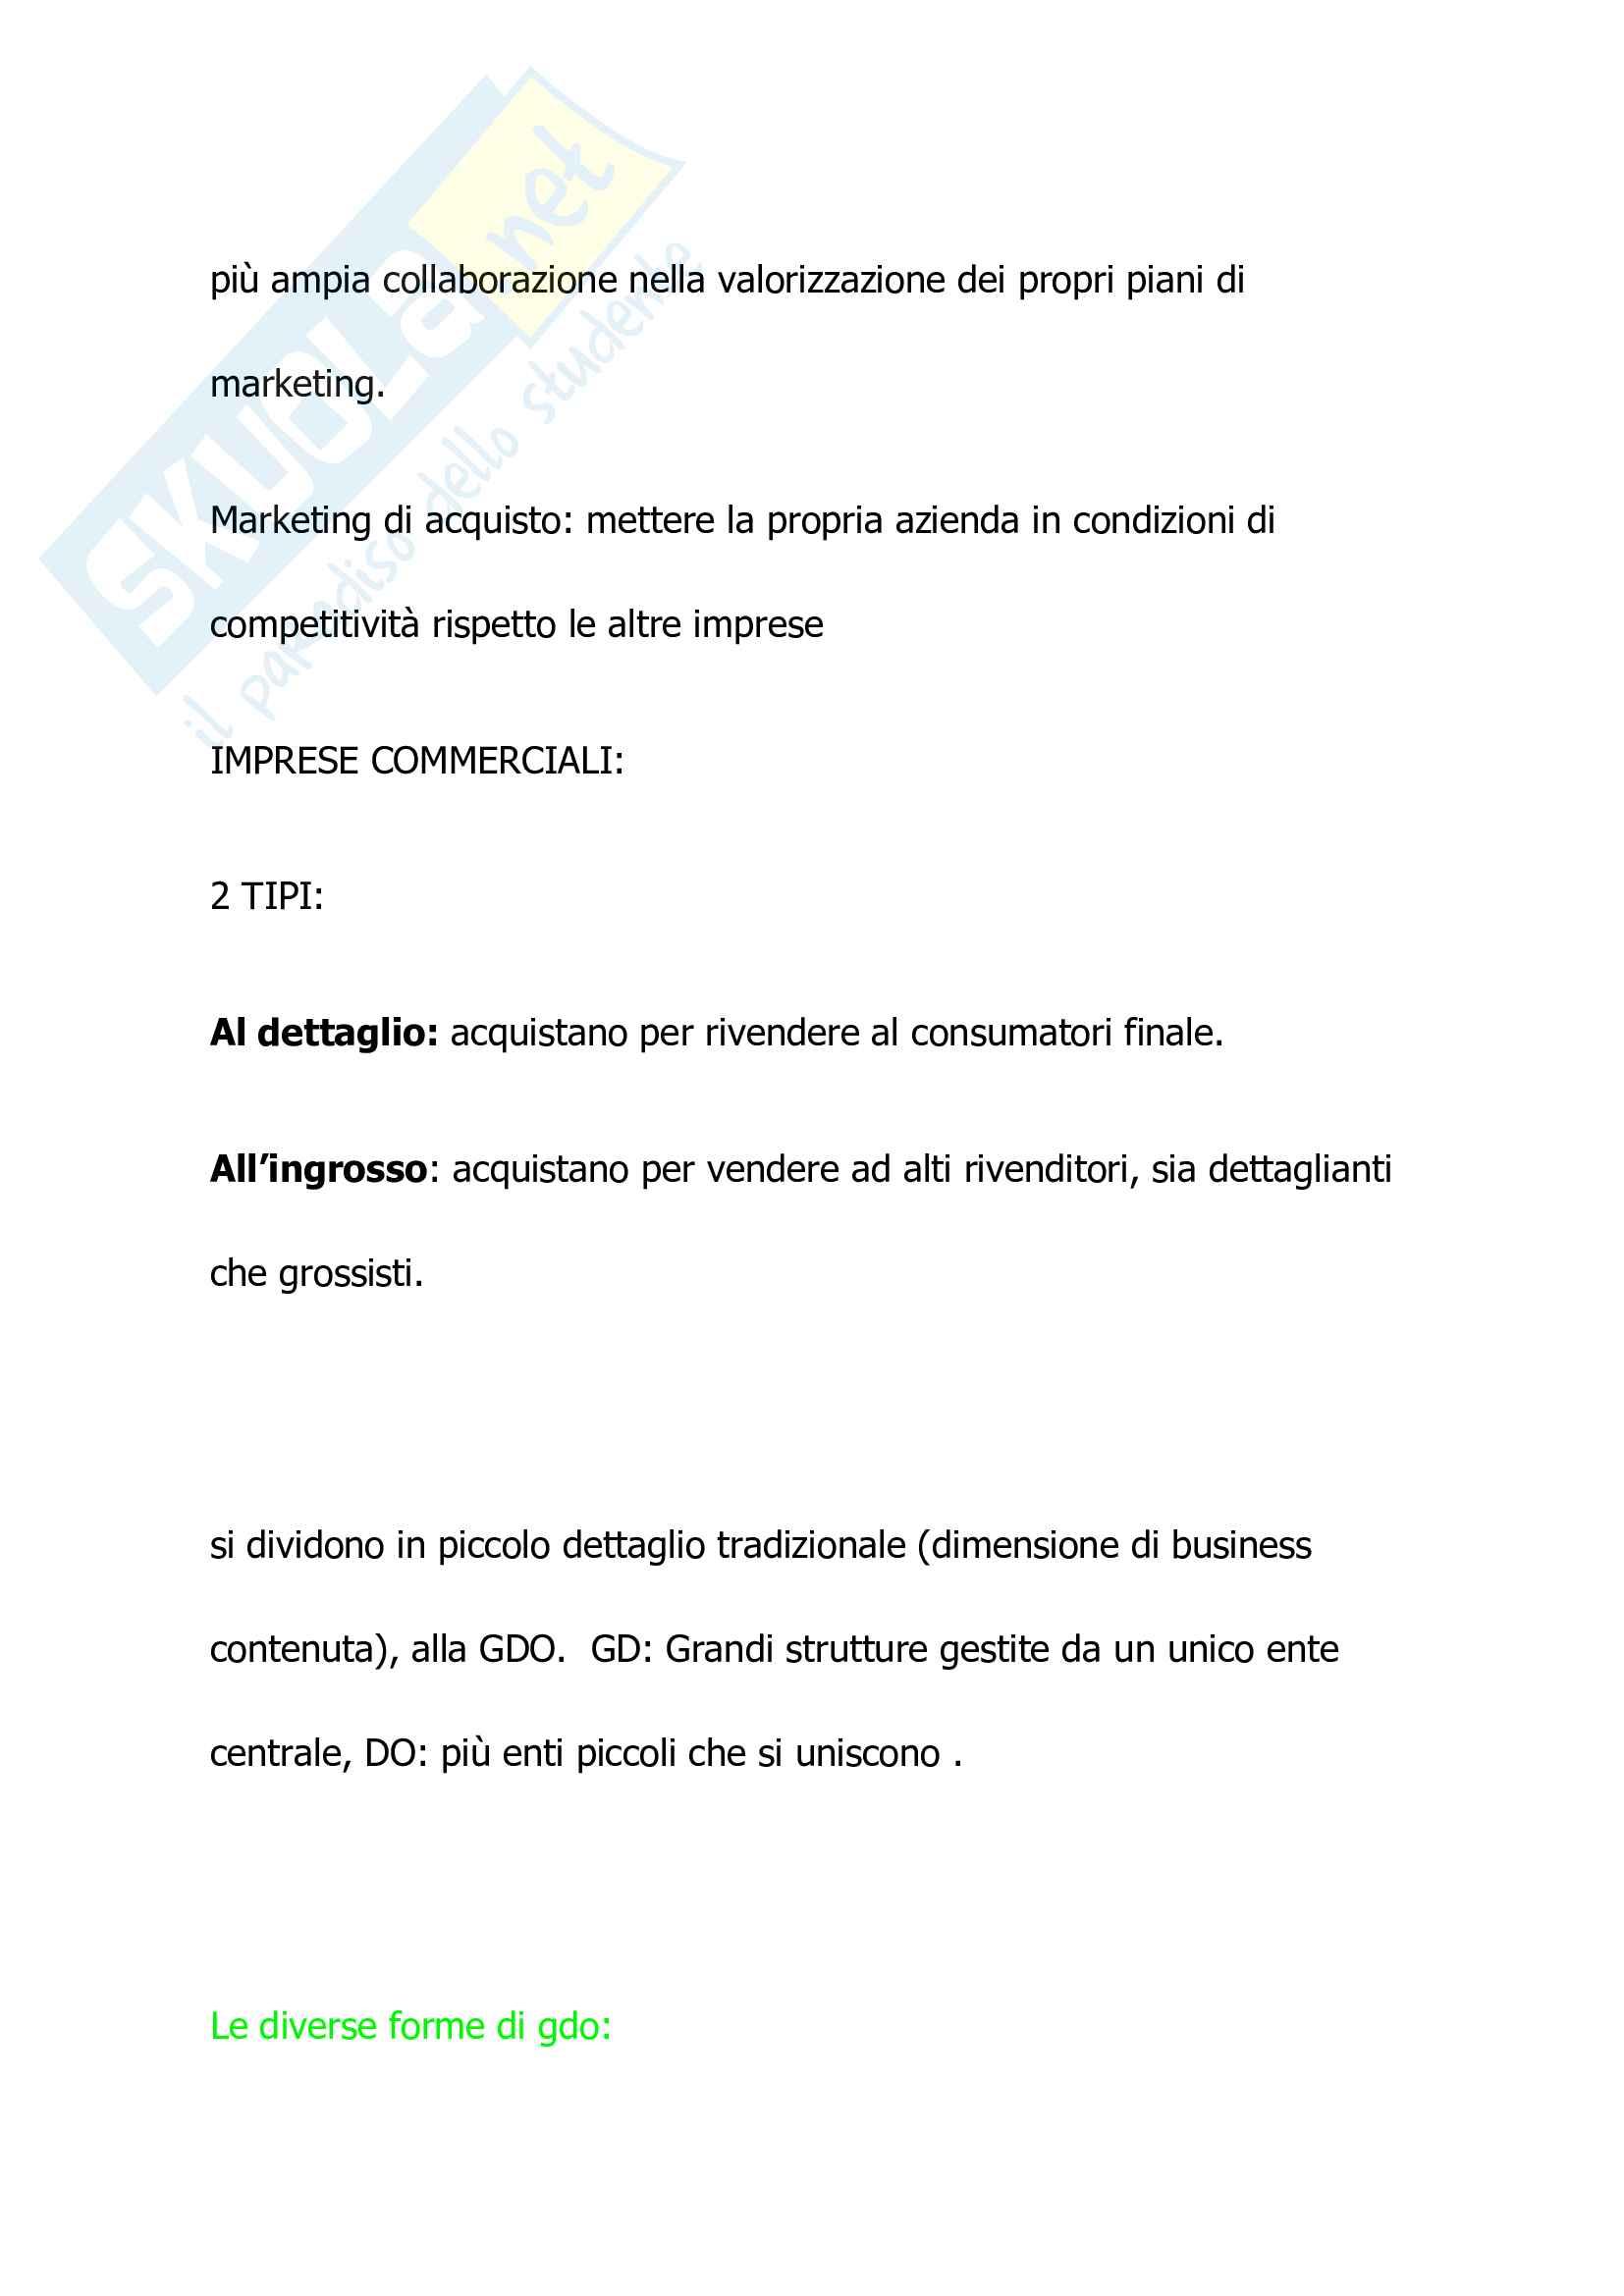 Tutte le Domande dell'esame di management, Barile Sancetta Pag. 31